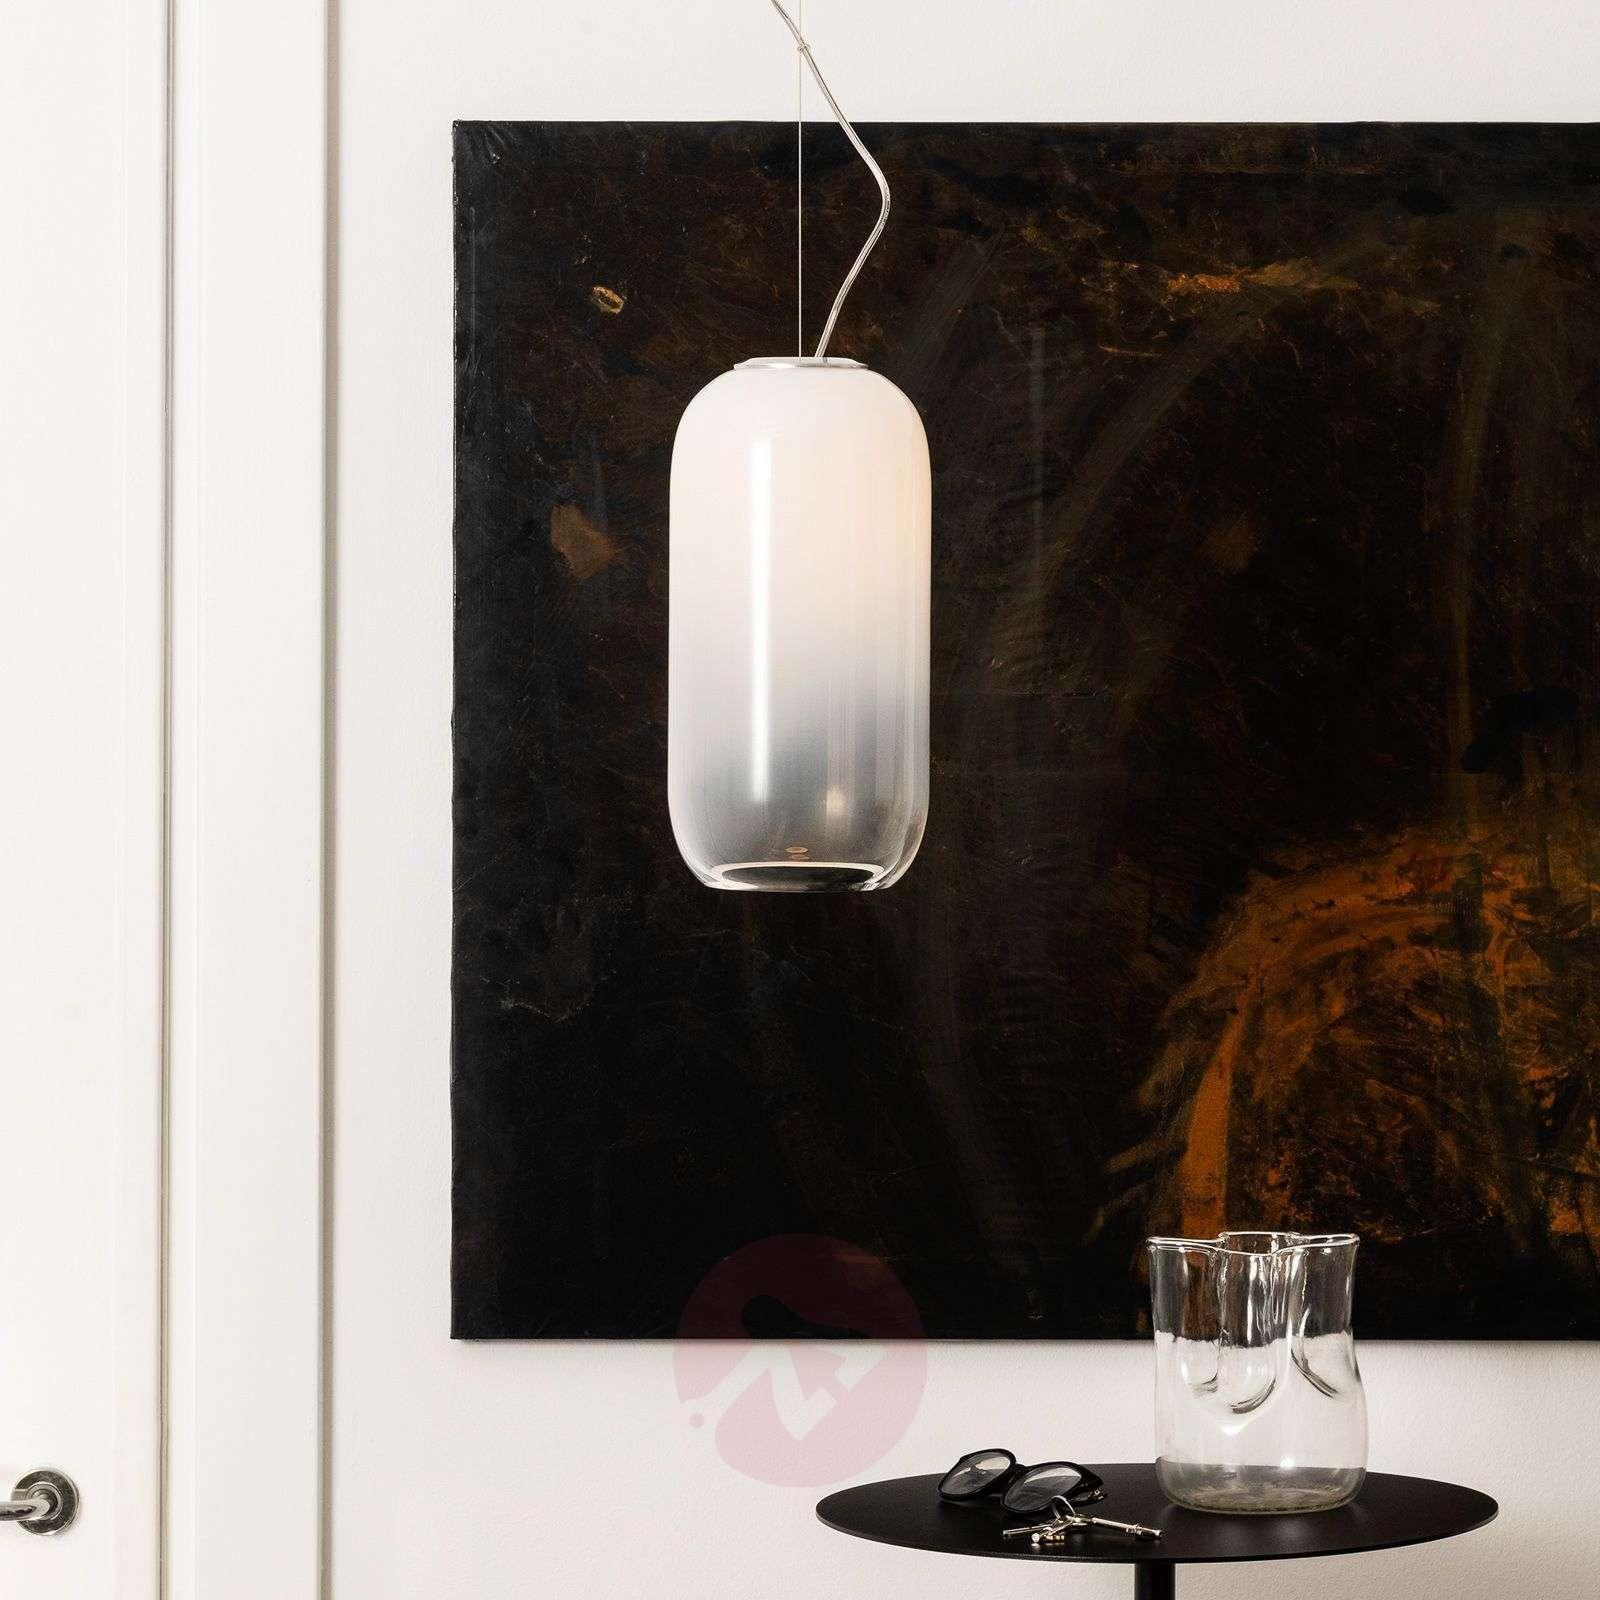 Artemide Gople lasinen riippuvalaisin, valkoinen-1060216-01